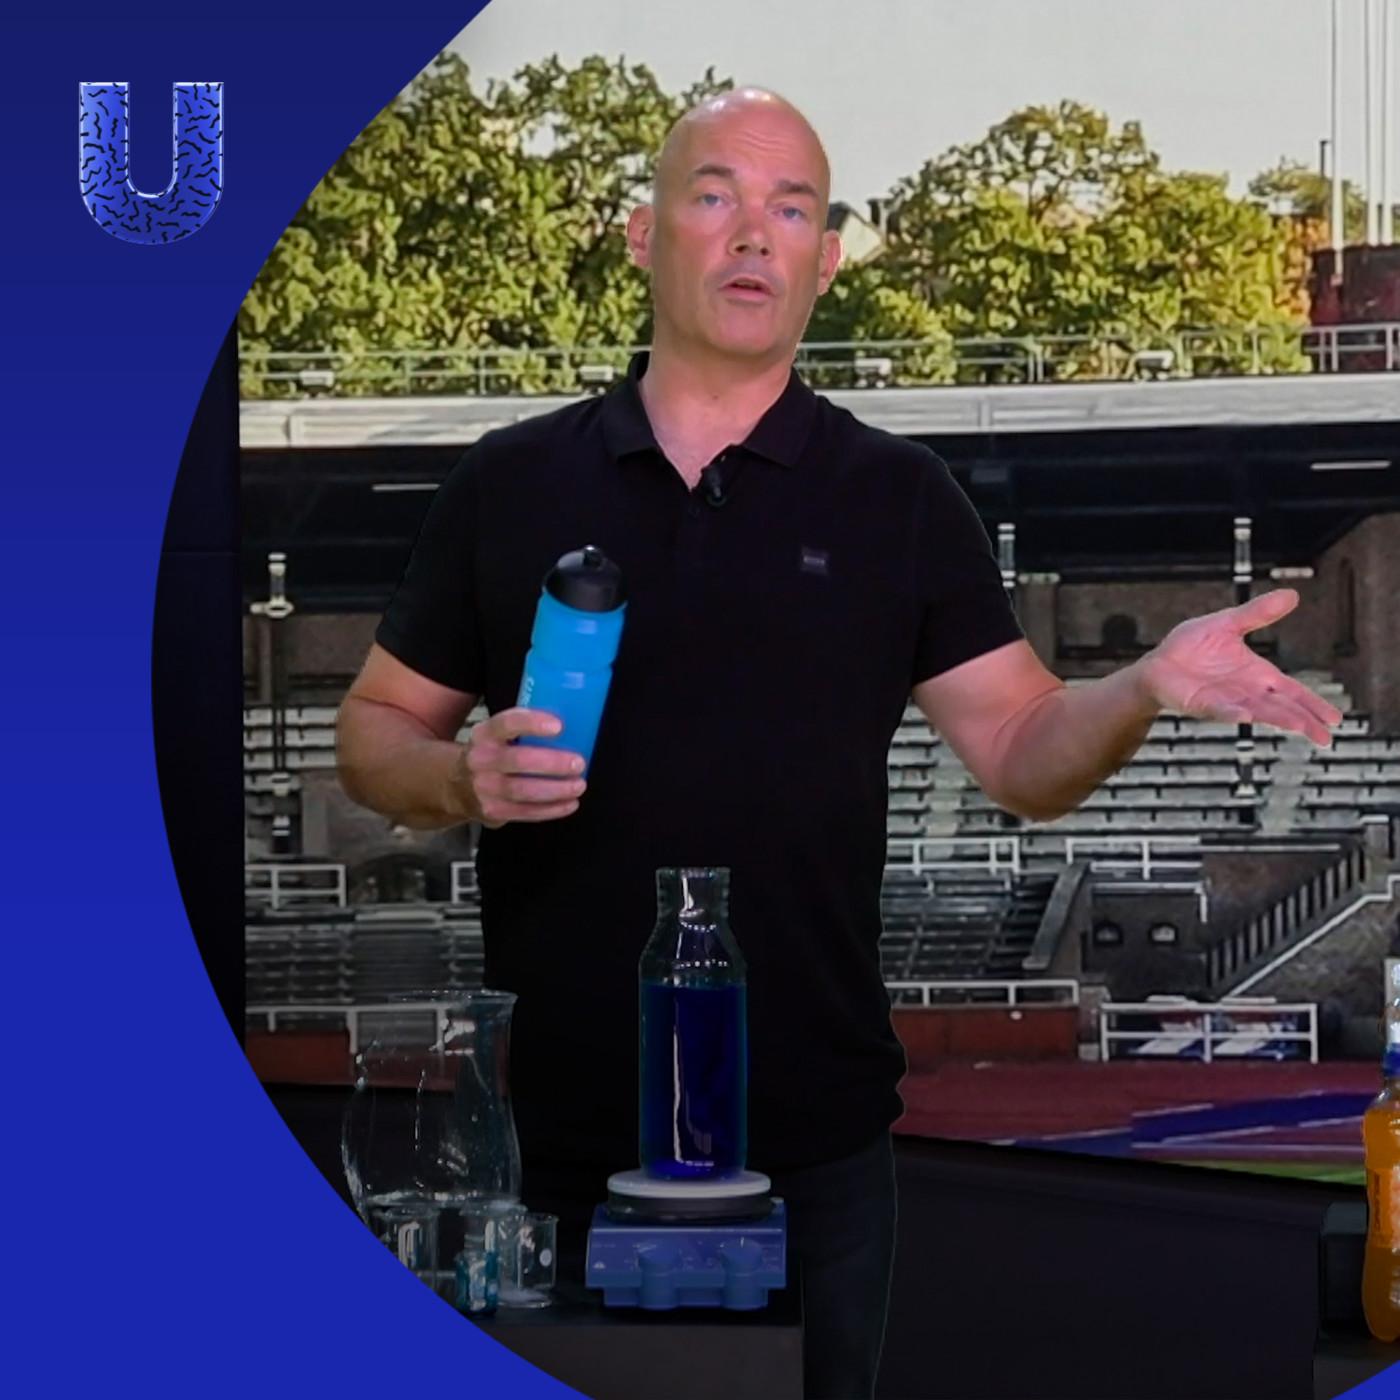 320. Kunnen sportdrankjes de prestatie verbeteren?